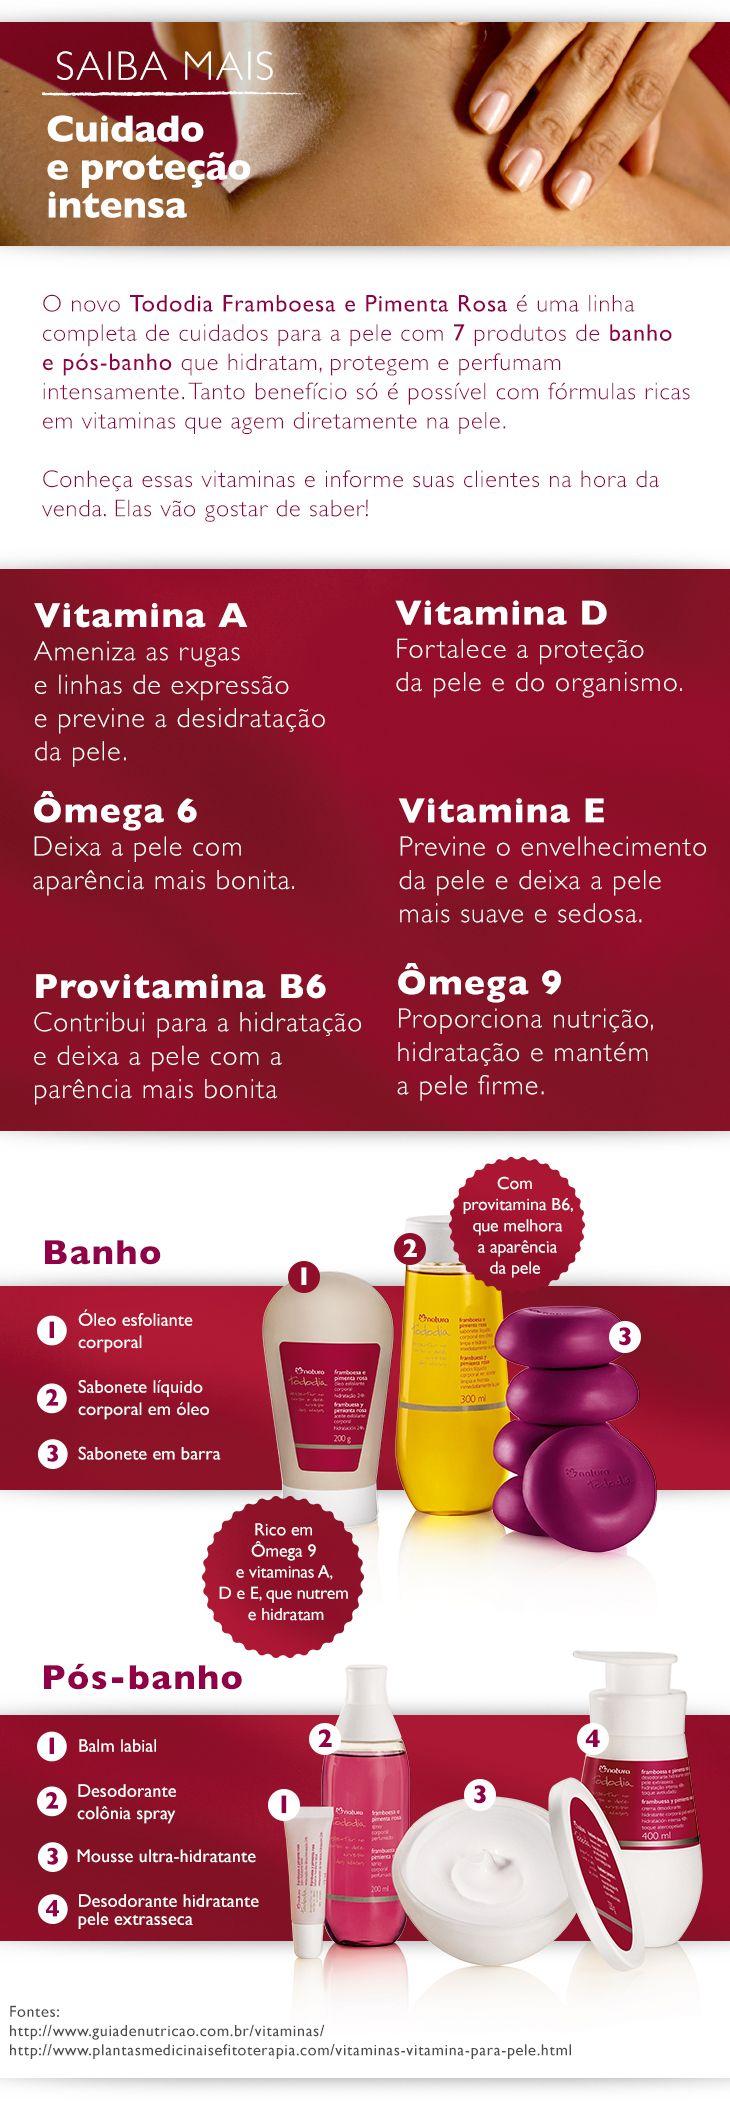 COMPRE:http://rede.natura.net/espaco/samantaoliveiracomprenatura/nossos-produtos/promocoes-12?_requestid=24074